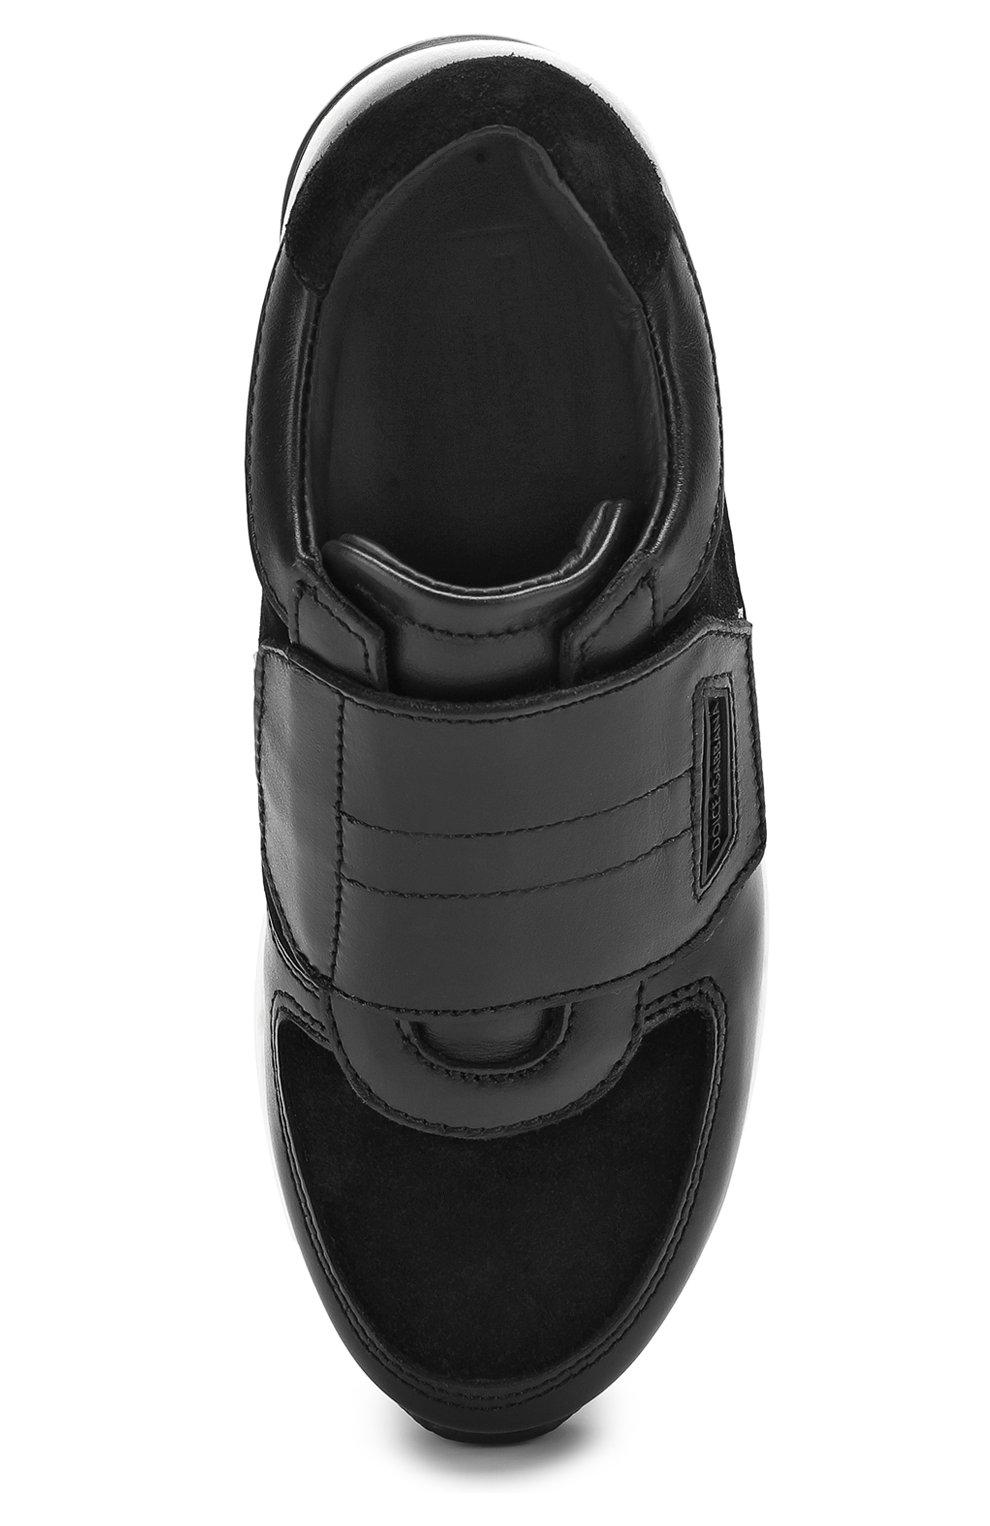 Детские кожаные кроссовки с замшевыми вставками и застежками велькро Dolce & Gabbana черно-белого цвета | Фото №4